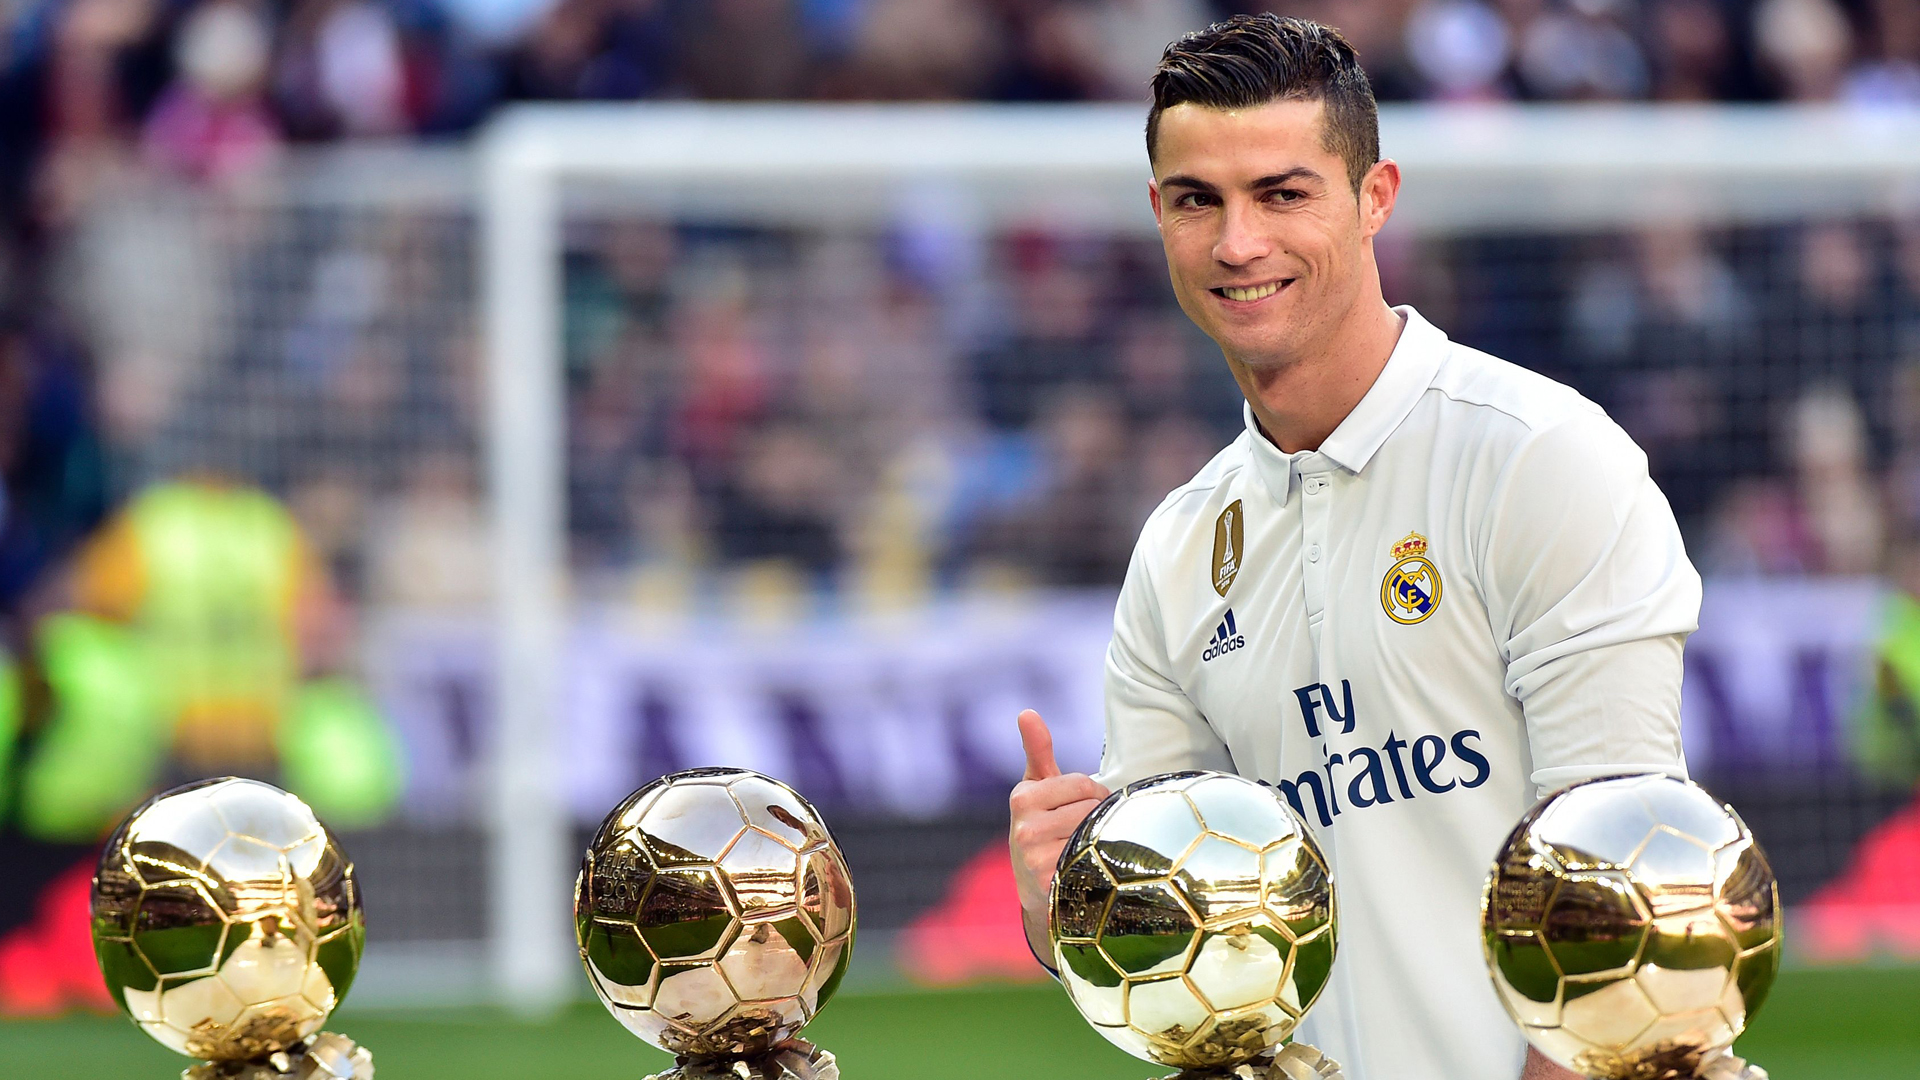 رونالدو الكرة الذهبية